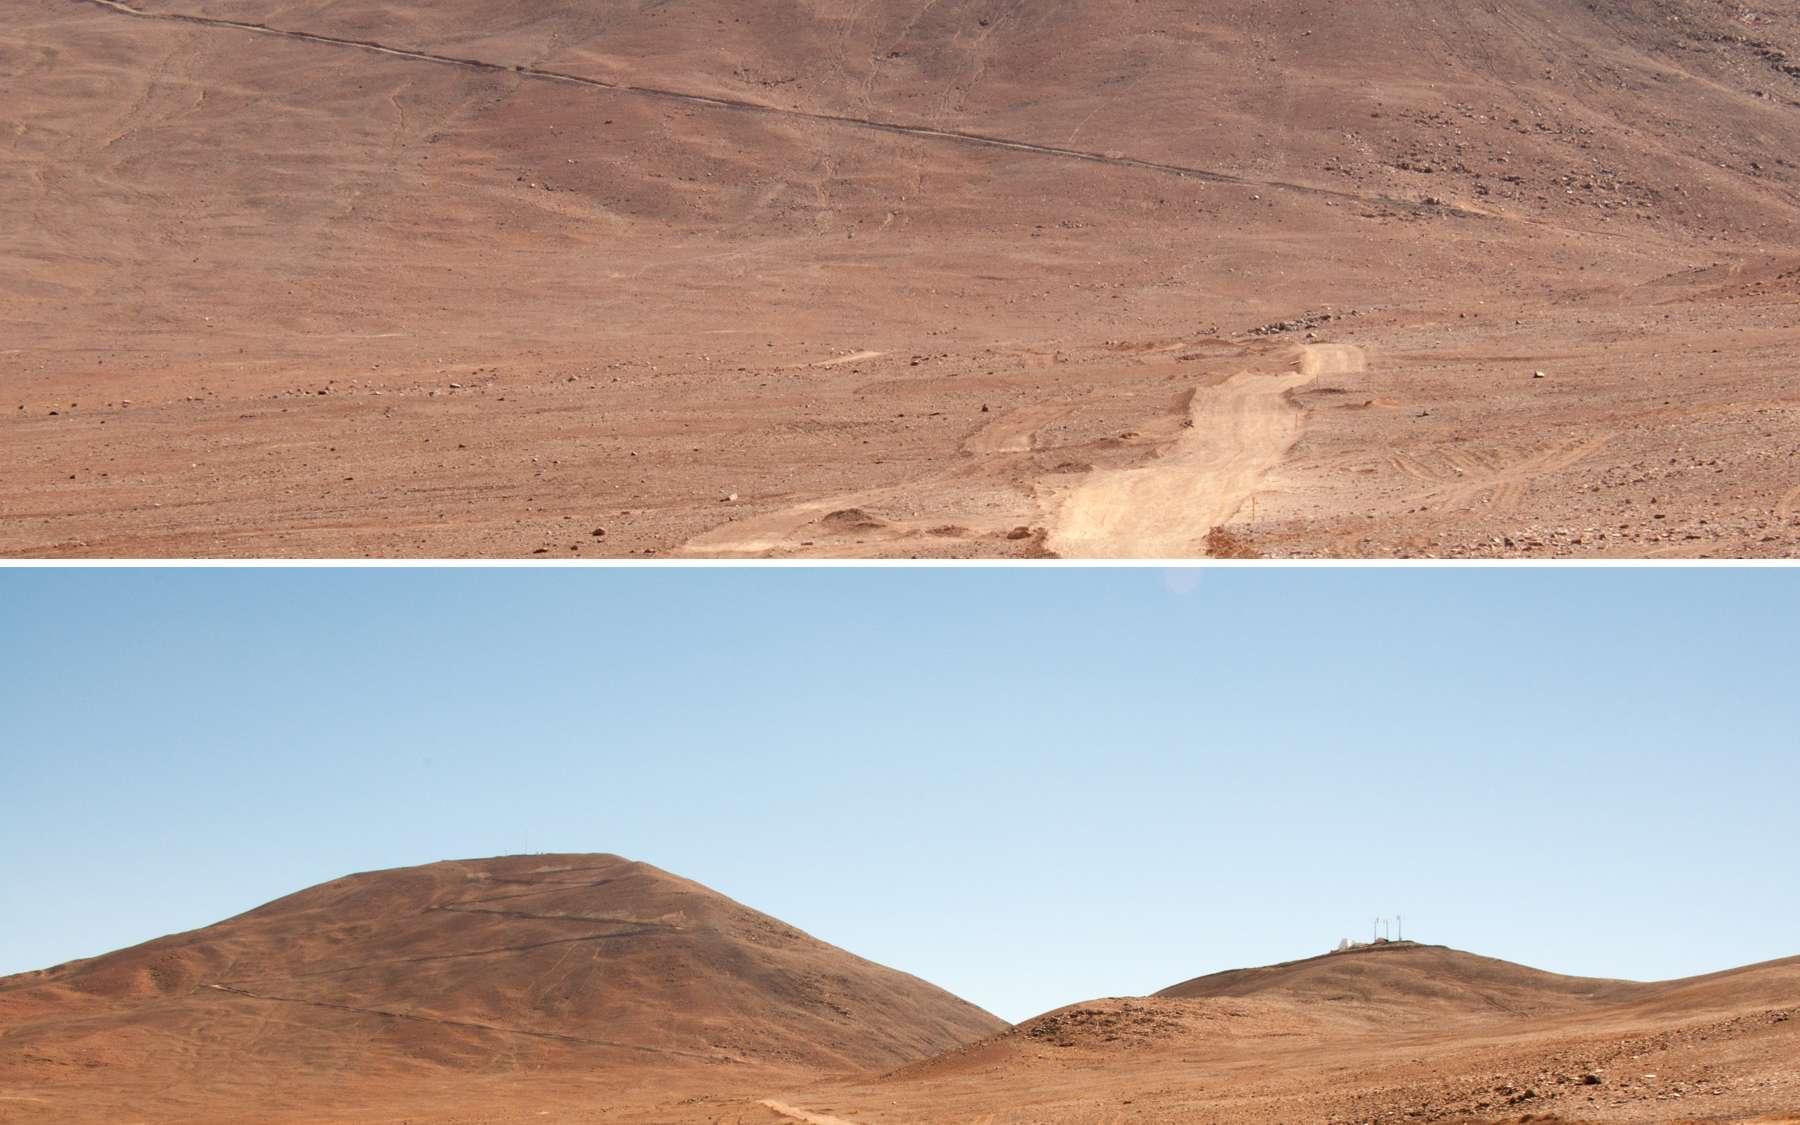 Au pied du Cerro Armazones, au somment duquel sera construit le futur télescope géant de 39 mètres de diamètre de l'Eso. Ce site, fermé au public, est accessible seulement en 4x4 par une route difficile sur un terrain accidenté. © Rémy Decourt